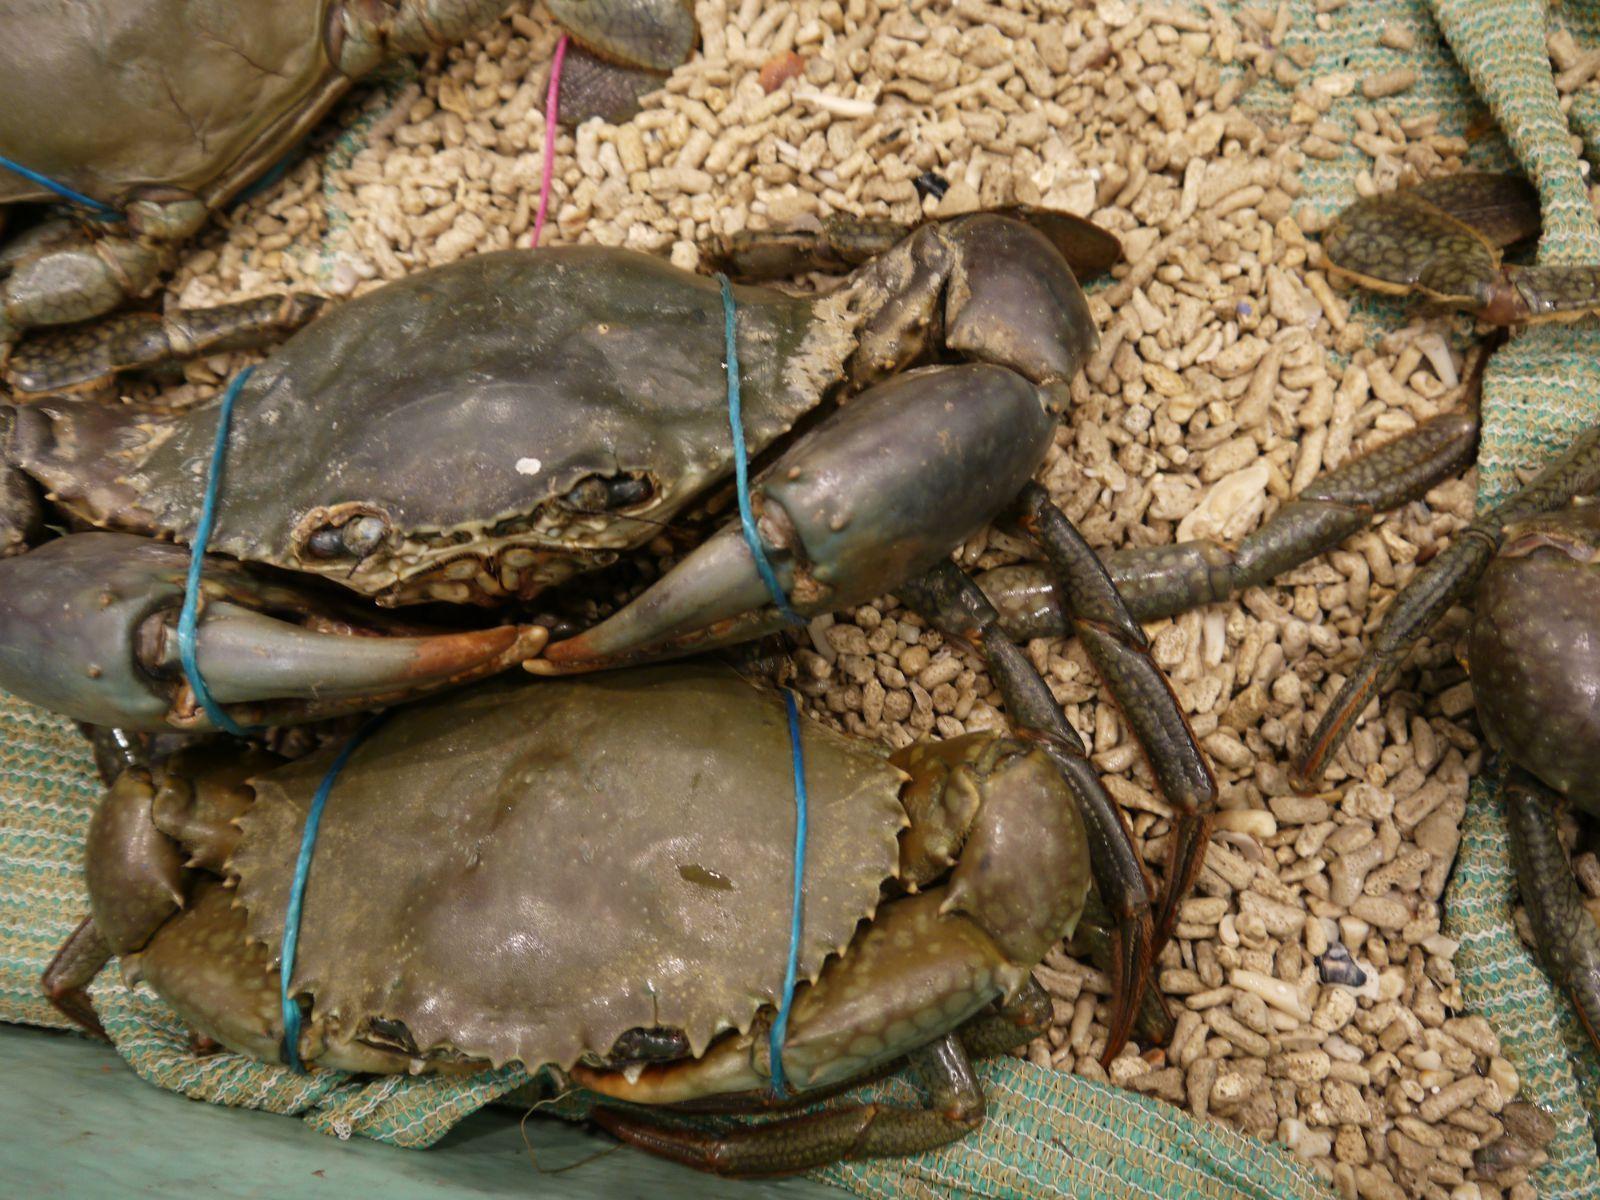 对于著名的悉尼鱼市场,喜欢吃海鲜的朋友一定不要贪睡,越早去人越少.